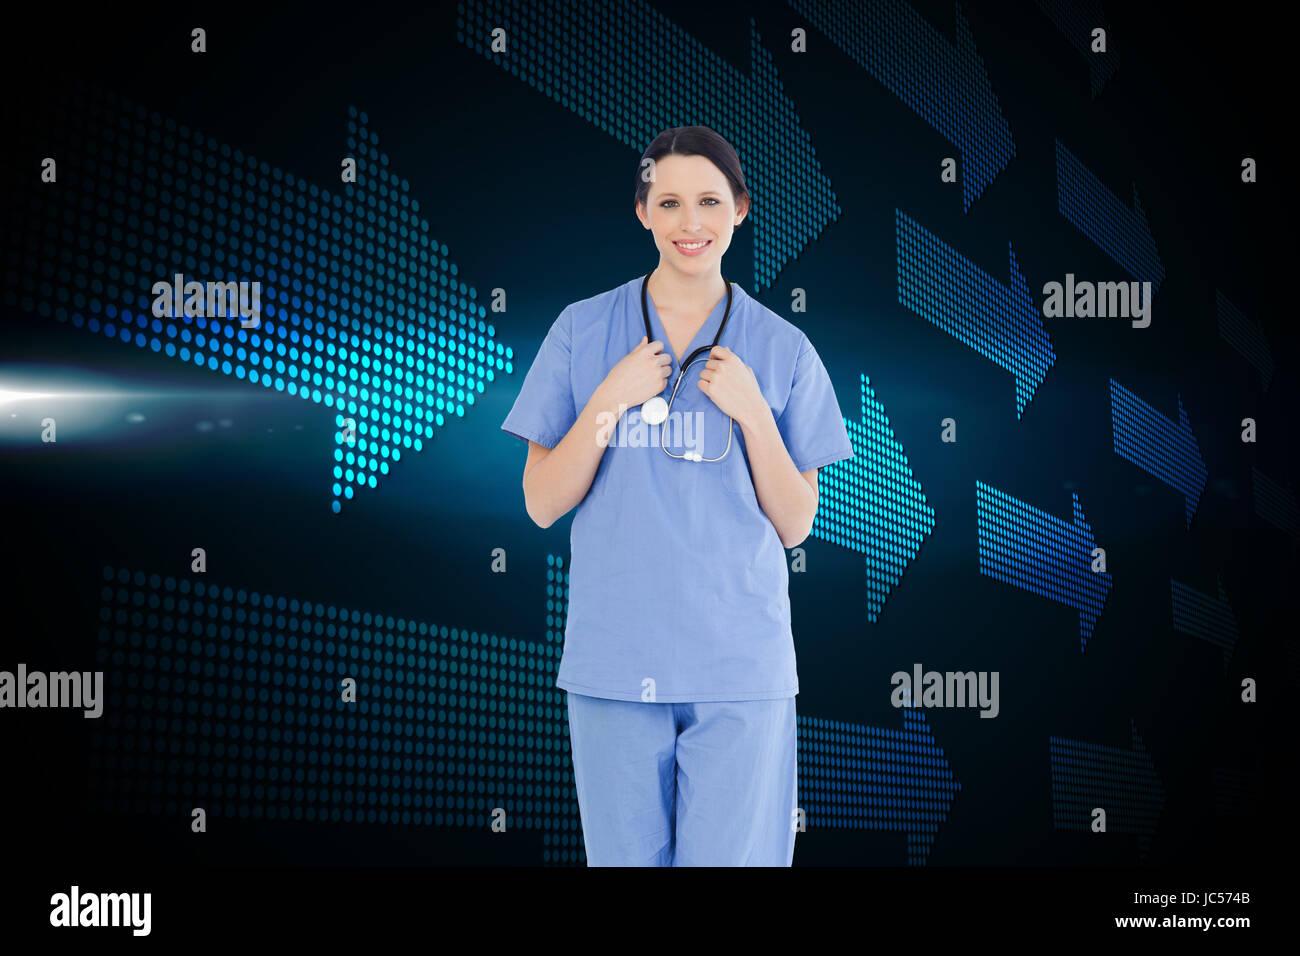 Imagen compuesta de jóvenes y seguro médico internista vistiendo un uniforme de manga corta azul Imagen De Stock